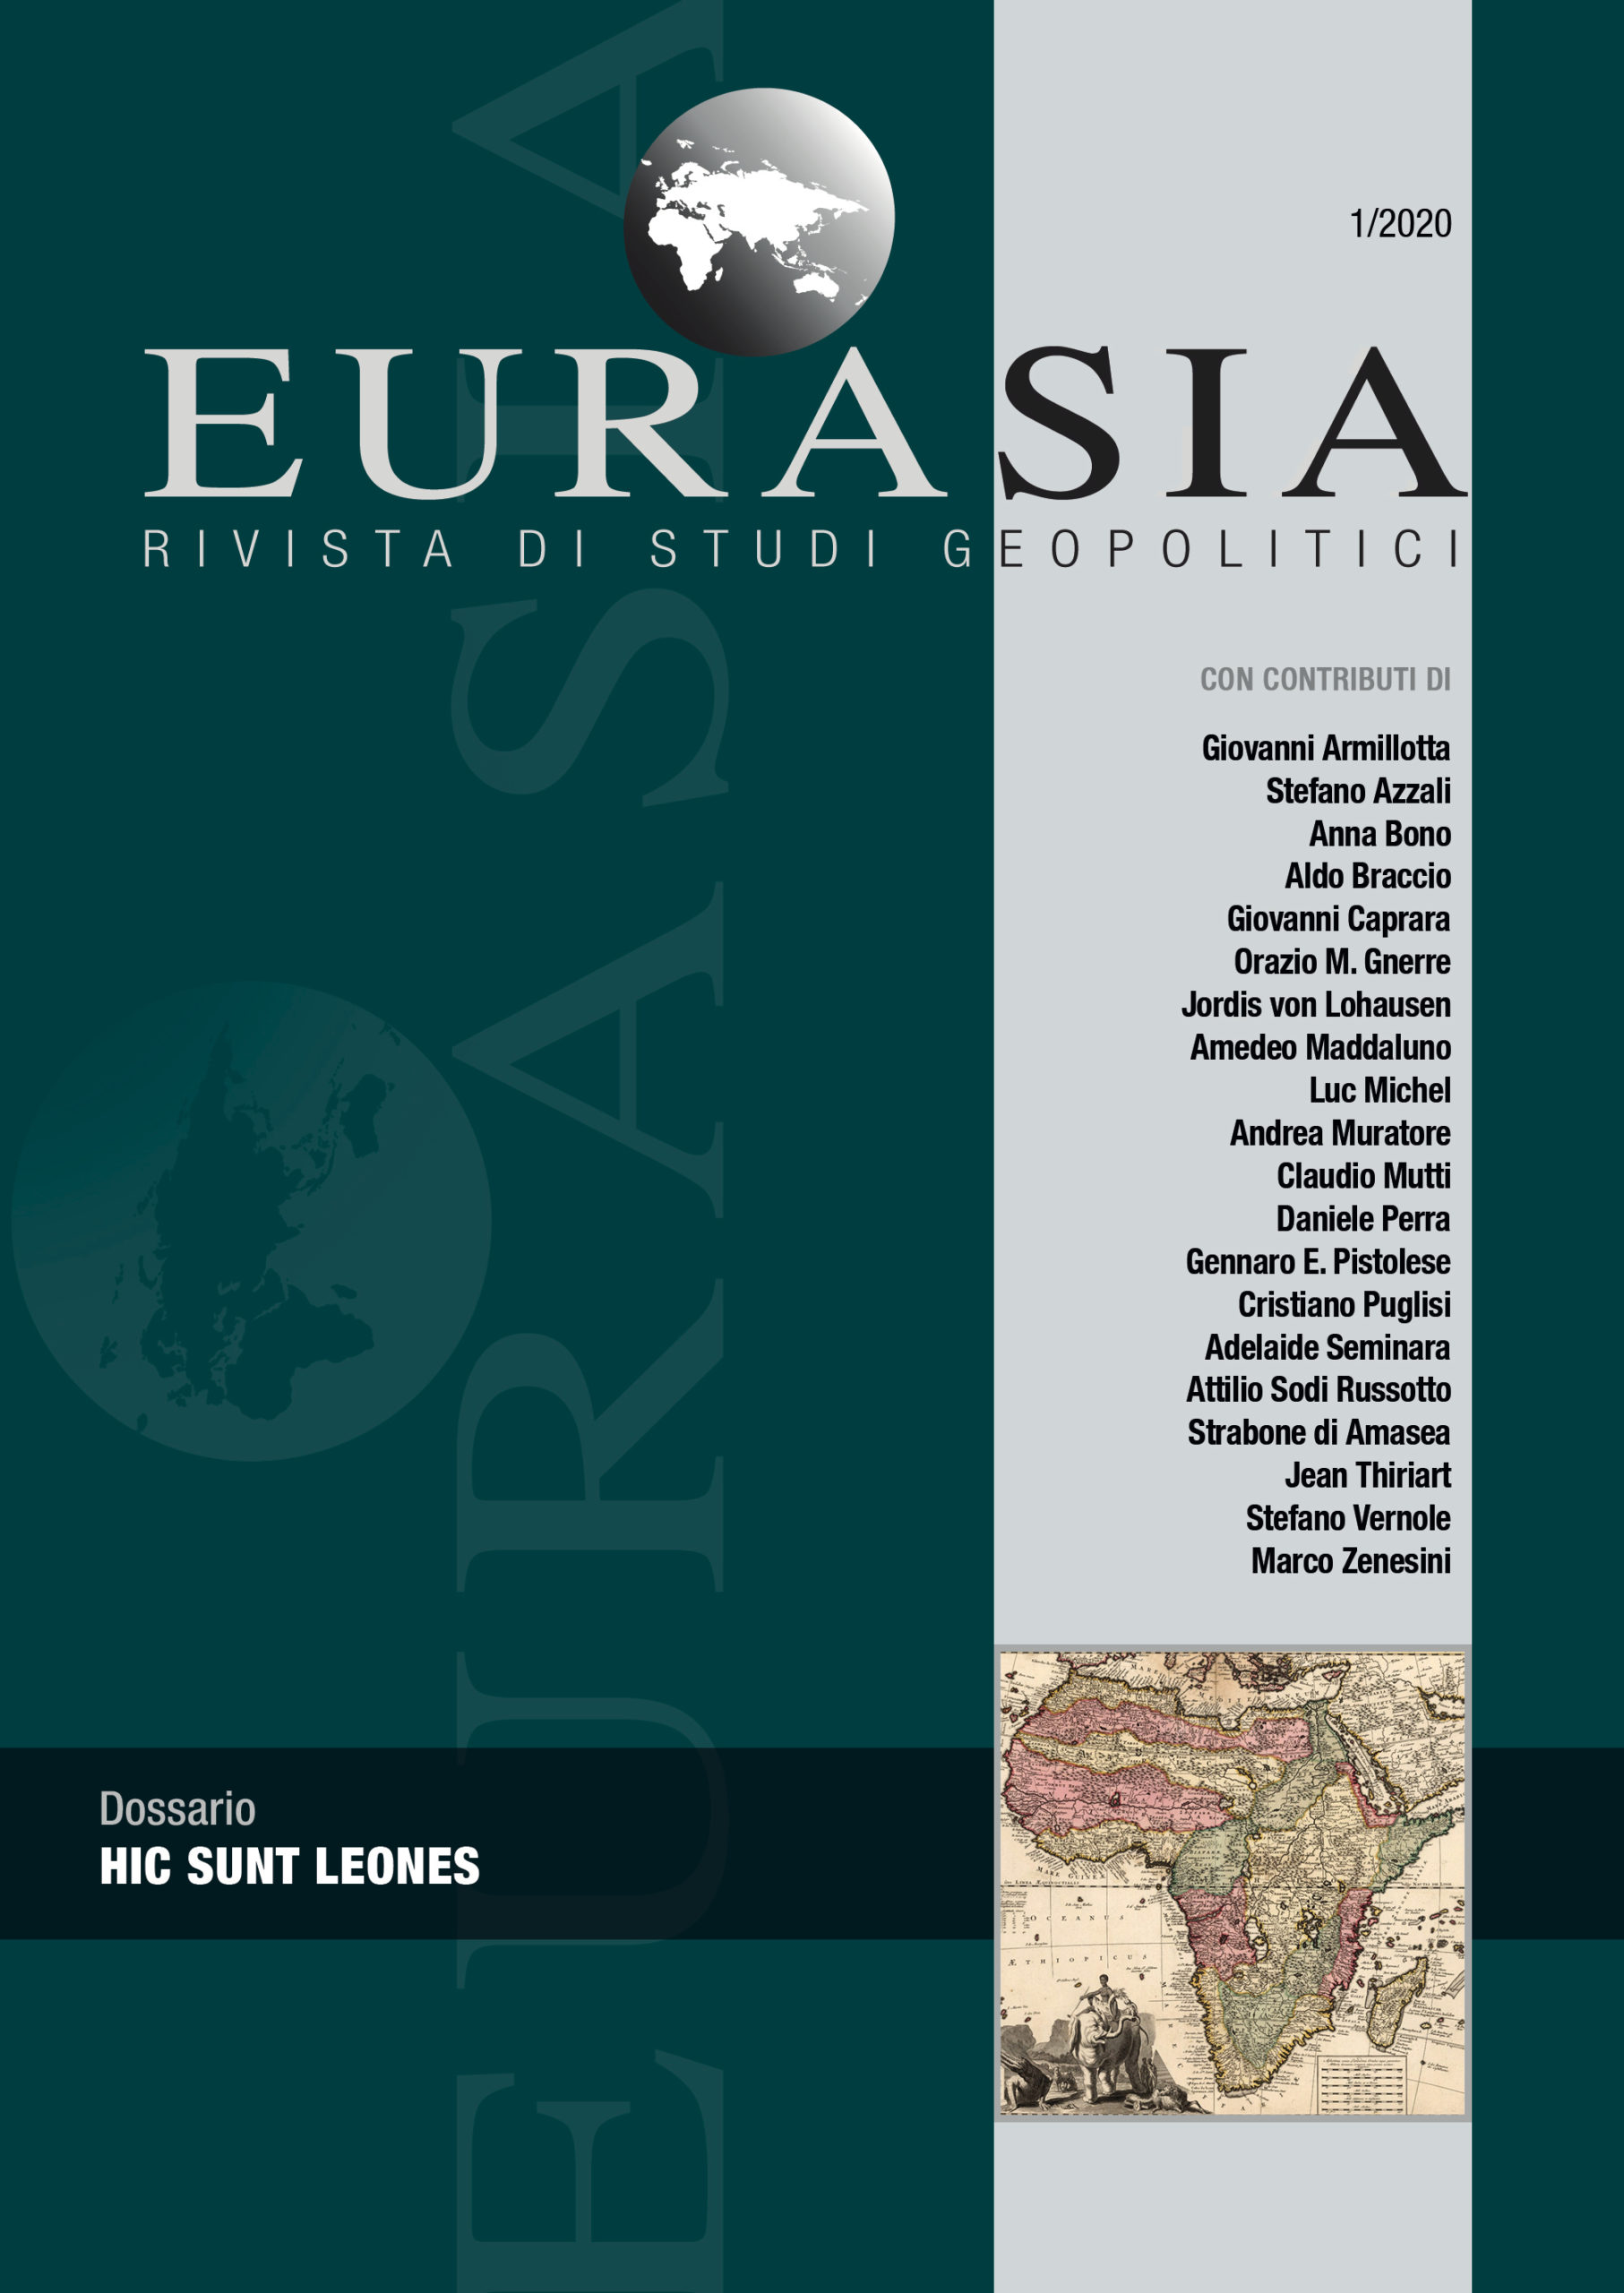 PUB LM.GEOPOL DAILY - lm sur eurasia rivista (2020 01 09) FR